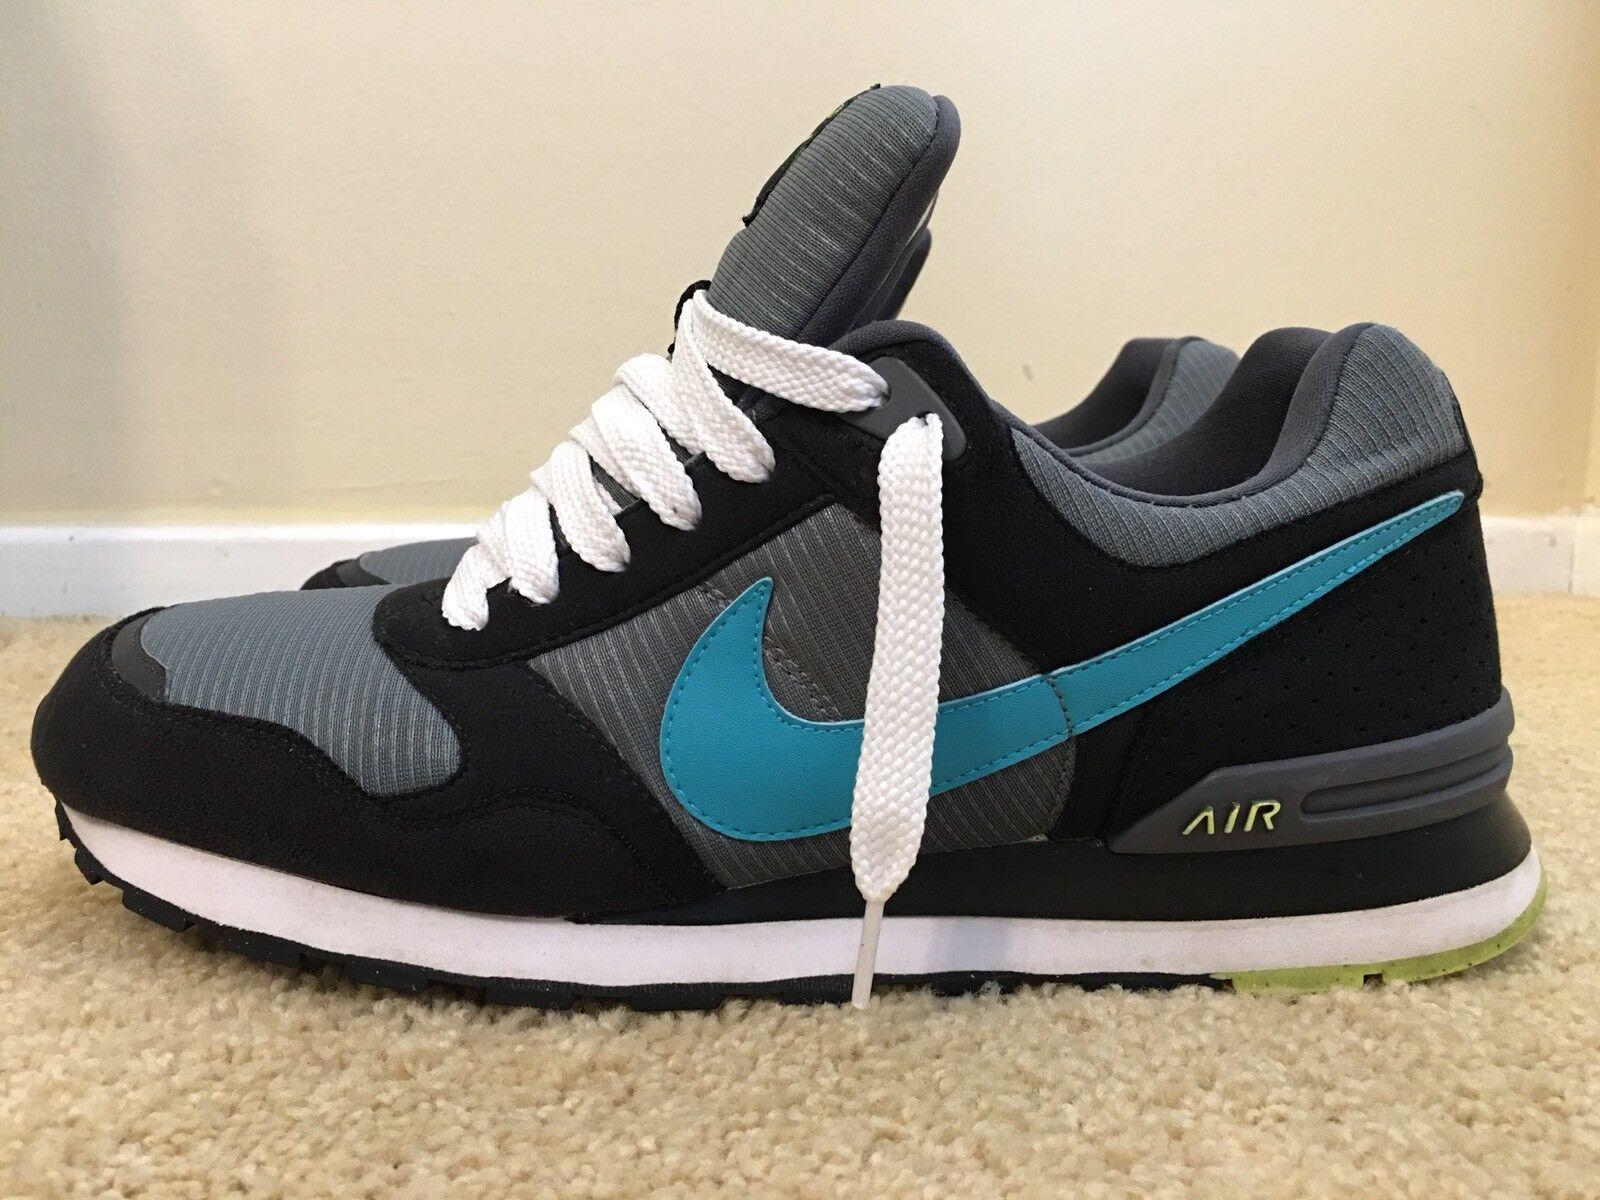 Nike MS78 le, de 386156-016, para hombres hombres hombres zapatos para correr, gris oscuro/Aqua marine, tamaño 12 1c5a0e